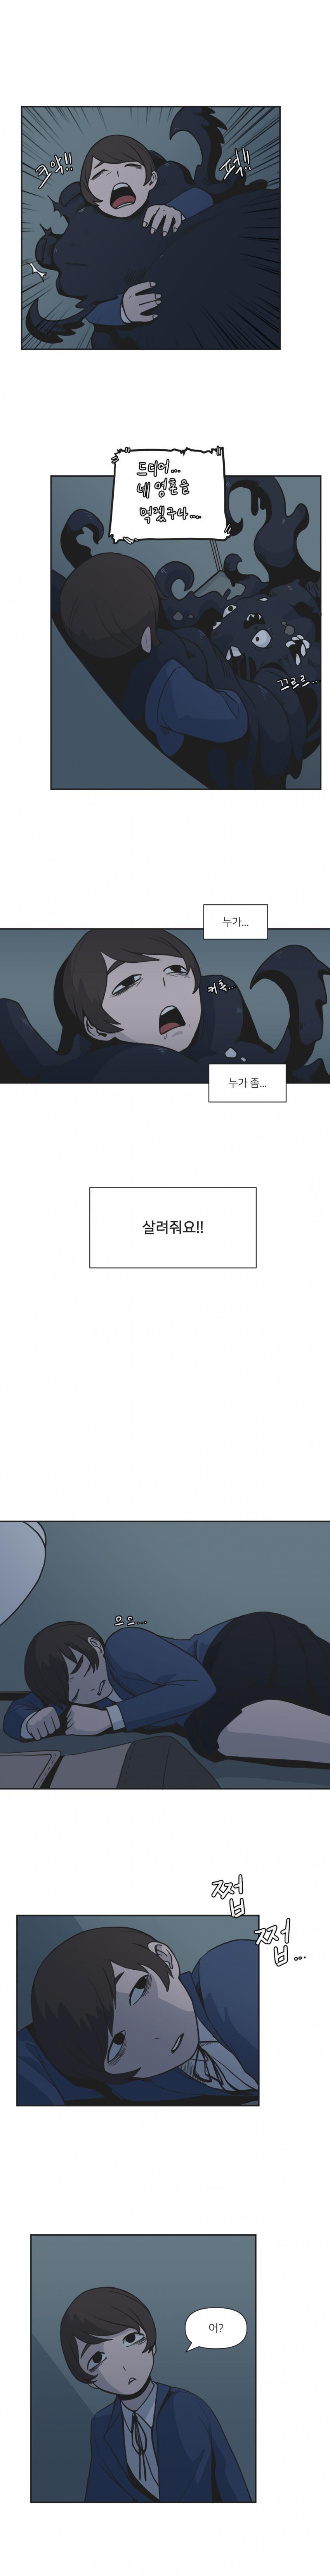 viewimage.php?id=2ebcc232eadd36&no=24b0d769e1d32ca73fec87fa11d0283168a8dd5d0373ee31e5f23e84e623877217e426219e5f8bd41cbd49a718984edd2dbe74fc6330f09dad93dfe9aa19f60cd440